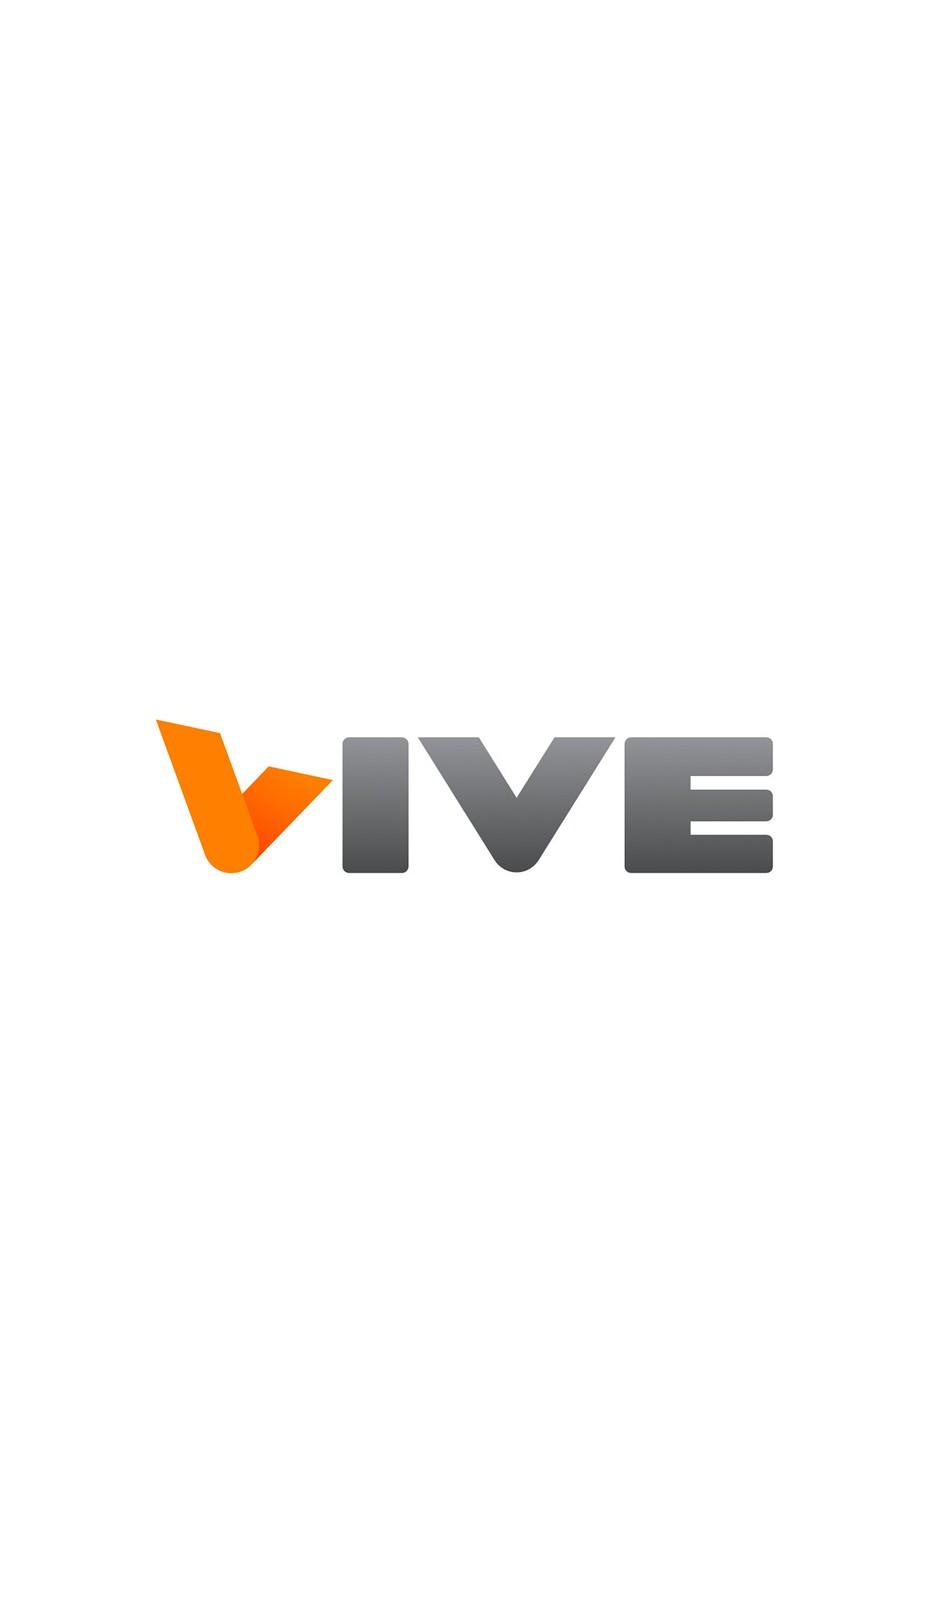 Vive - Website - Mobile - Splash